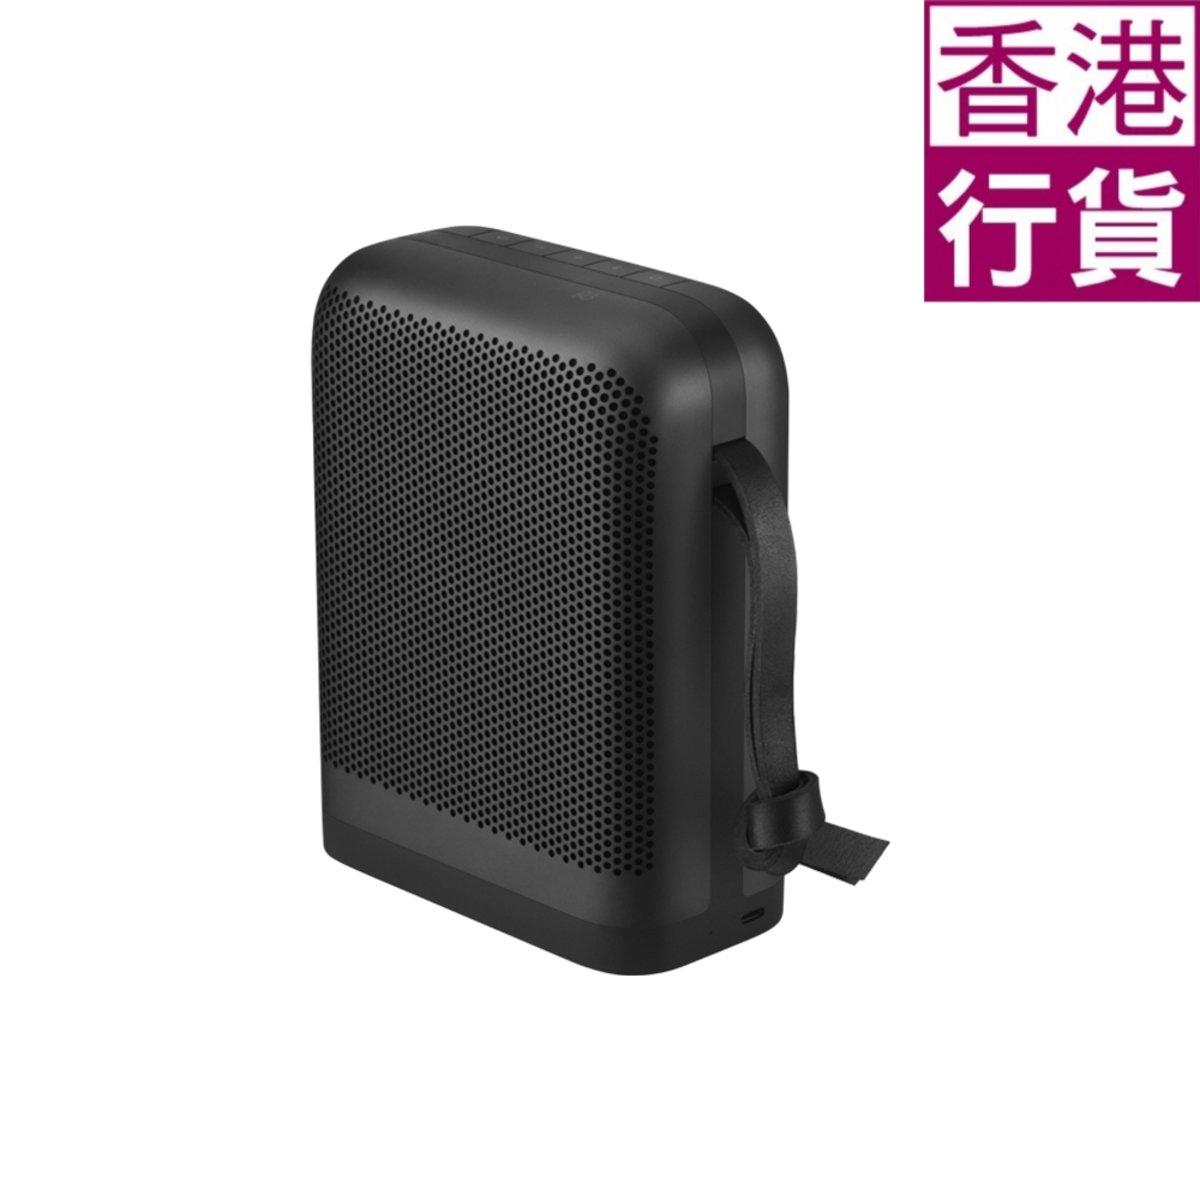 BeoPlay P6 (香港行貨) 360度藍牙喇叭(銀色)